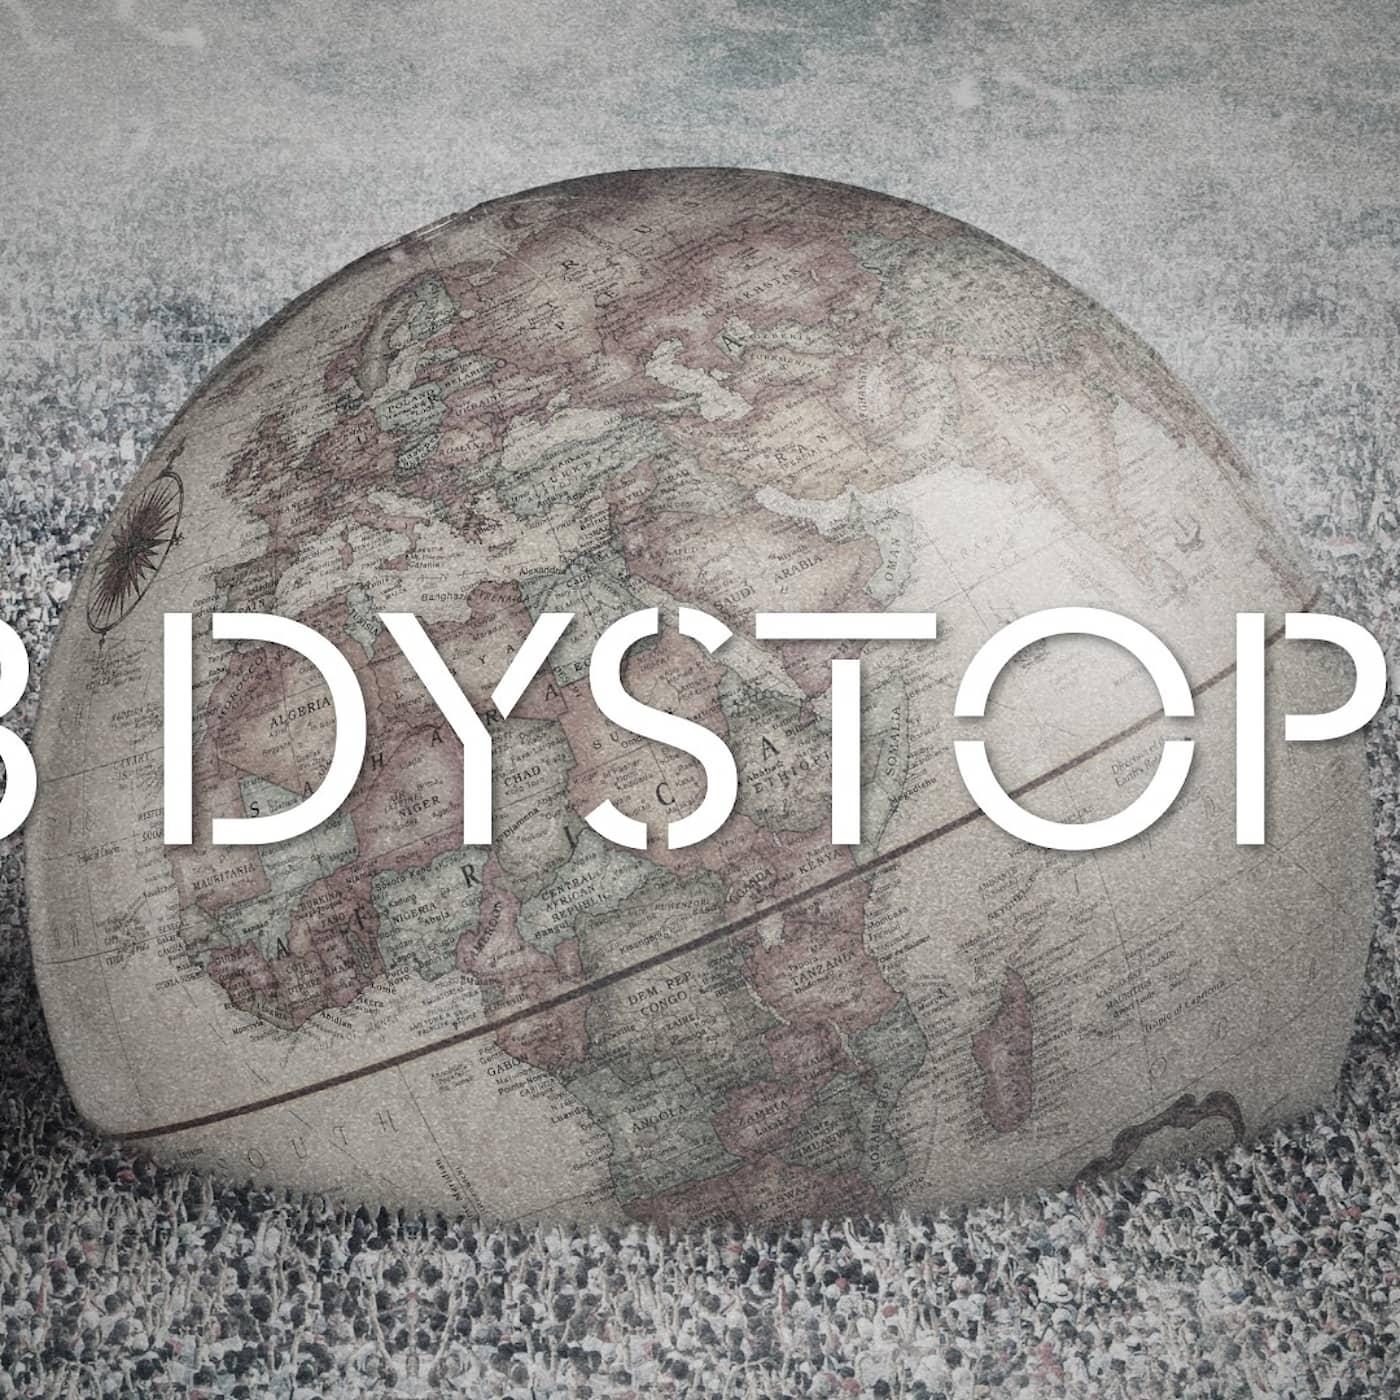 PODDTIPS: P3 Dystopia om överbefolkning